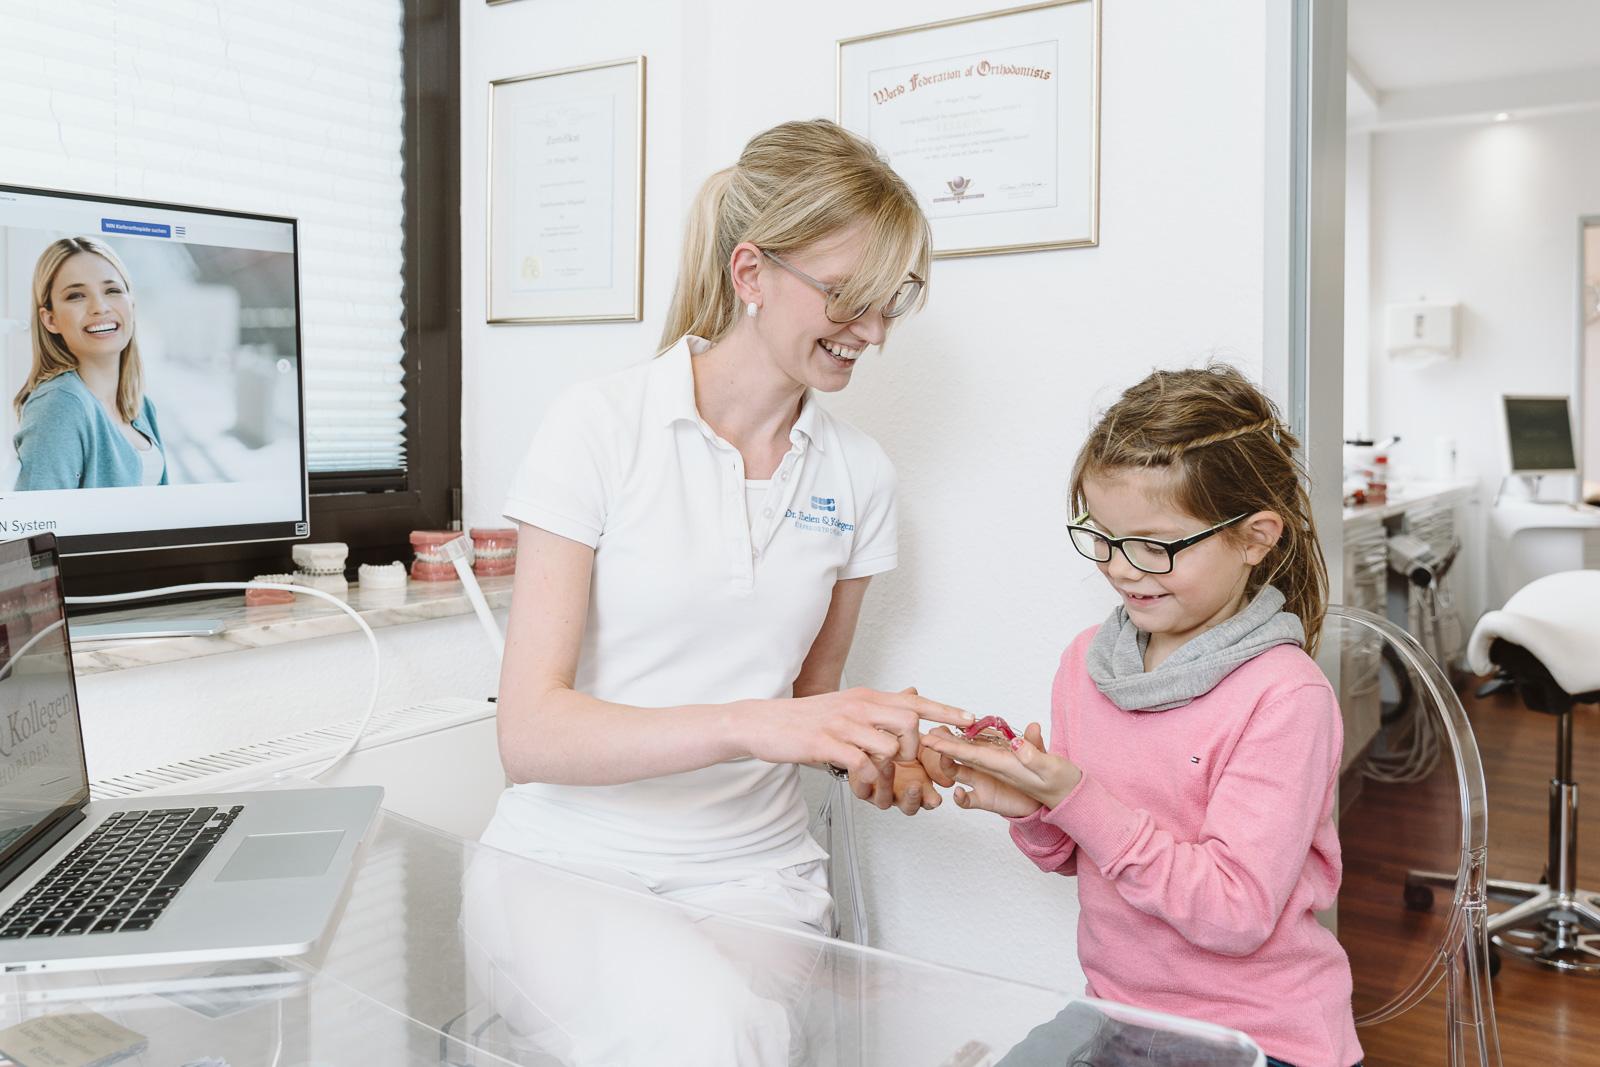 Unternehmensfotografie -  Kieferorthopädie Dr. Thelen - Patientin schaut sich eine Spange an